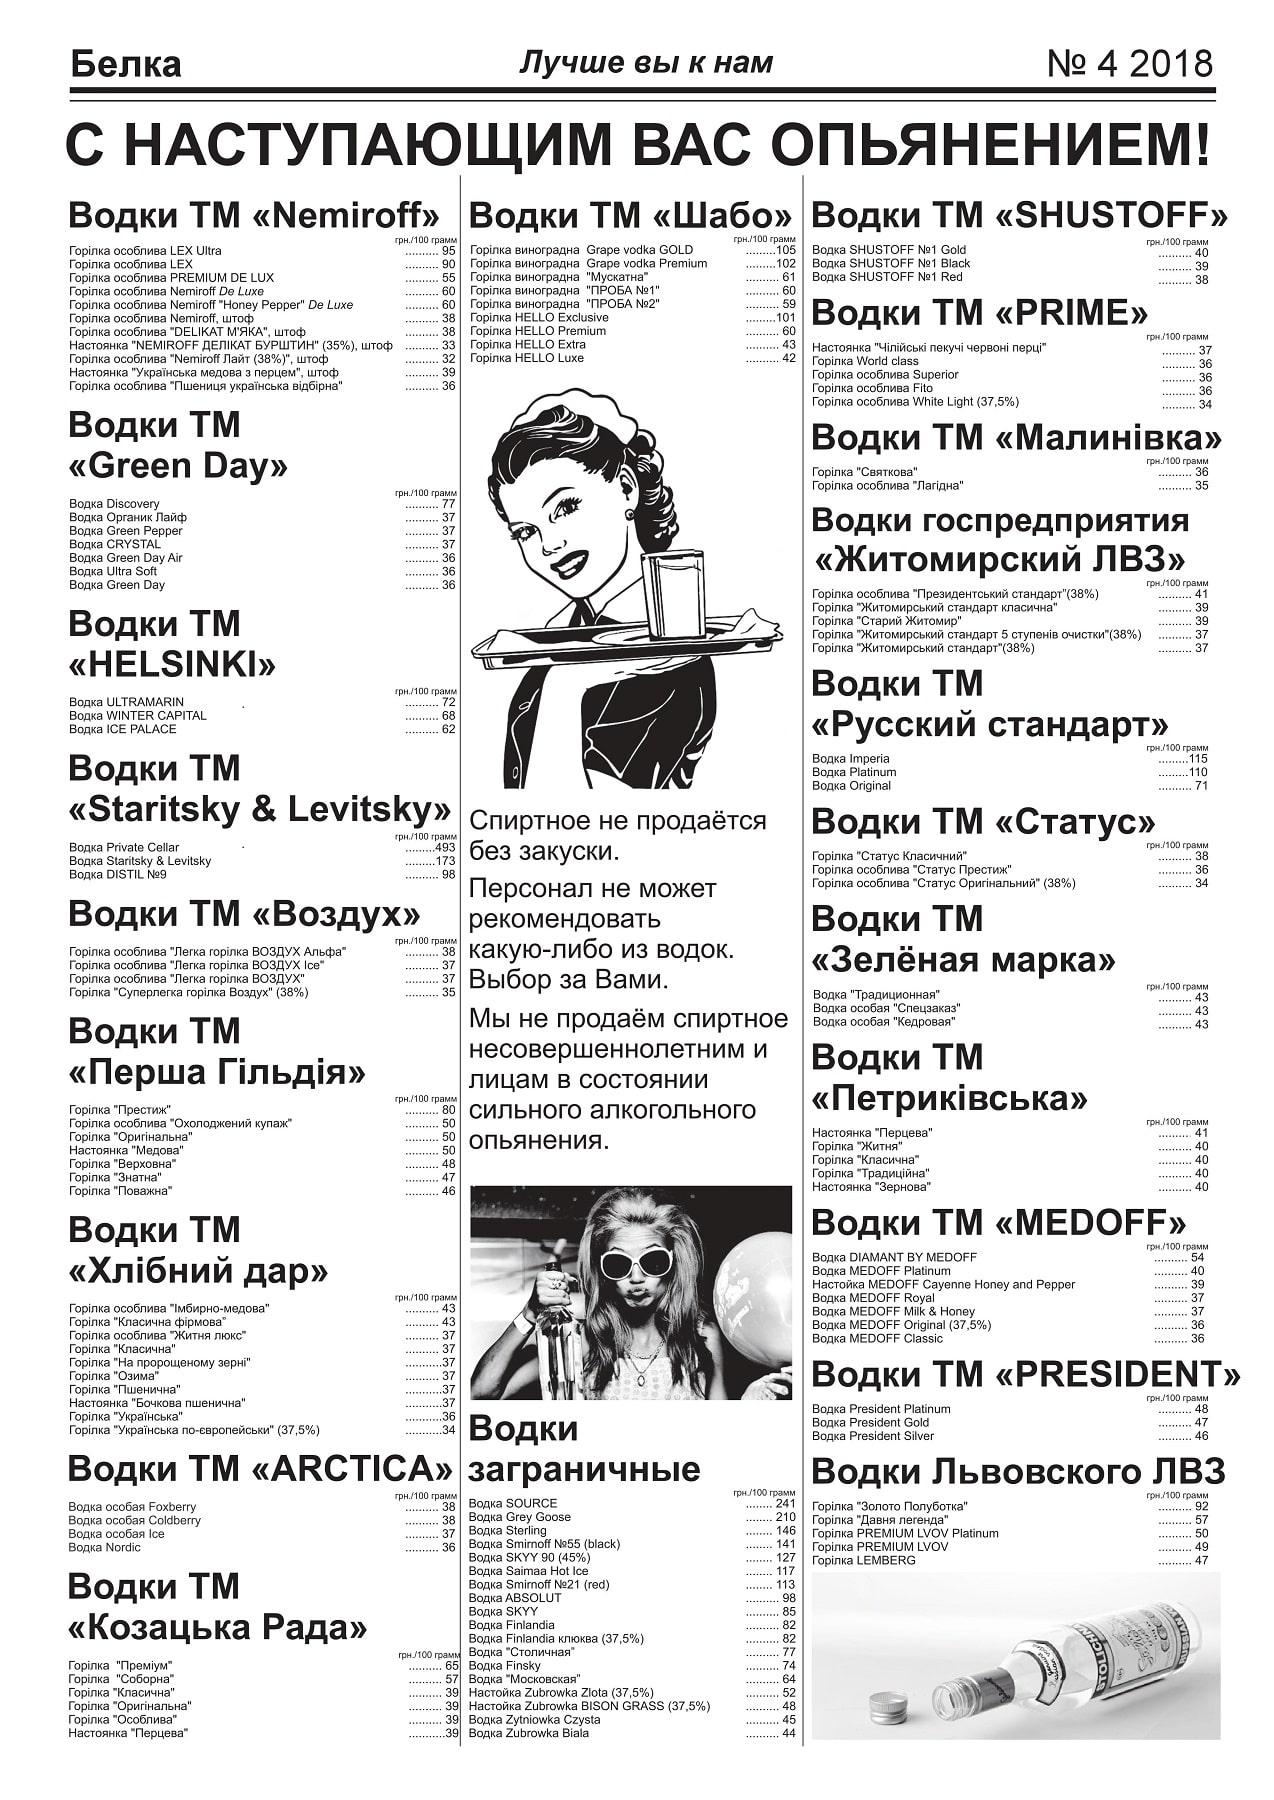 Меню Белка в Запорожье